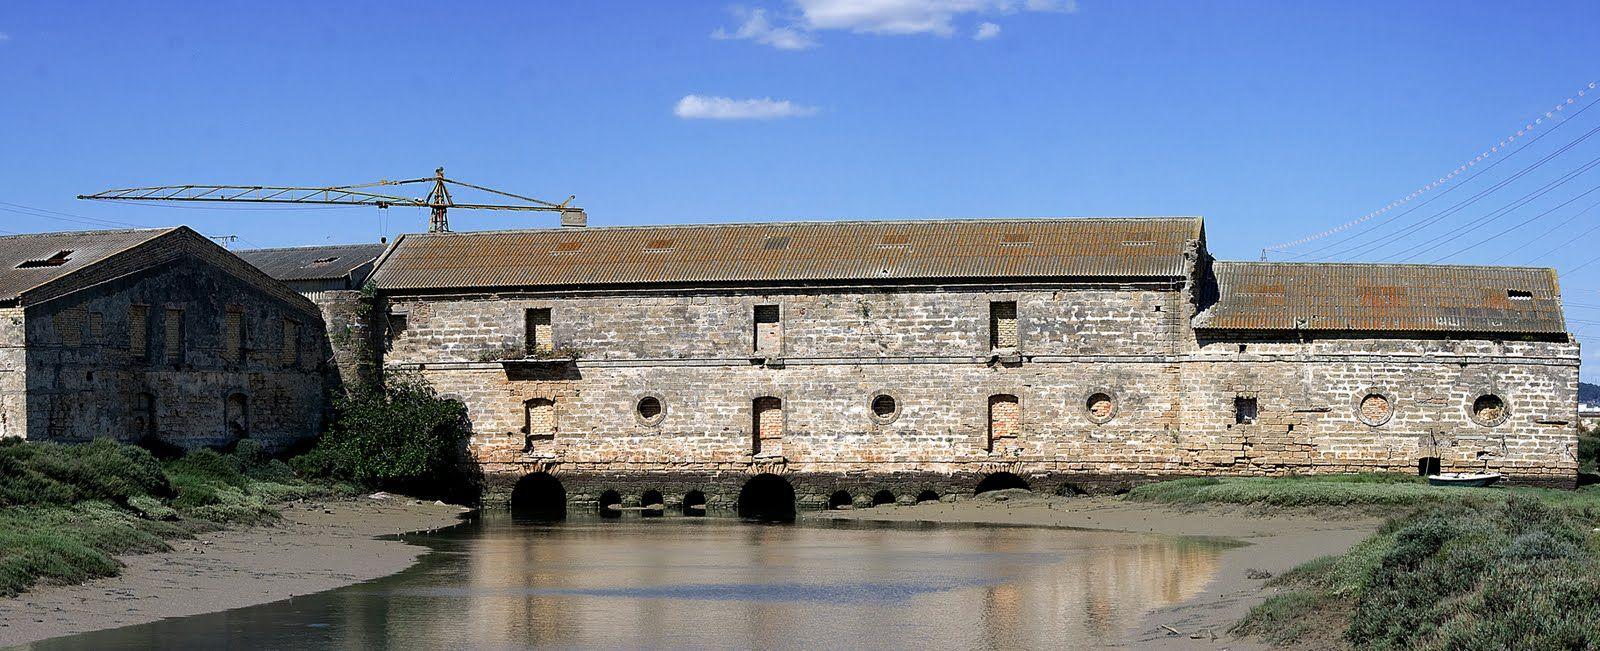 Tidal mill molino del ca o in c diz spain mills molinos pinterest cadiz spain cadiz y spain - La casa del pirata cadiz ...